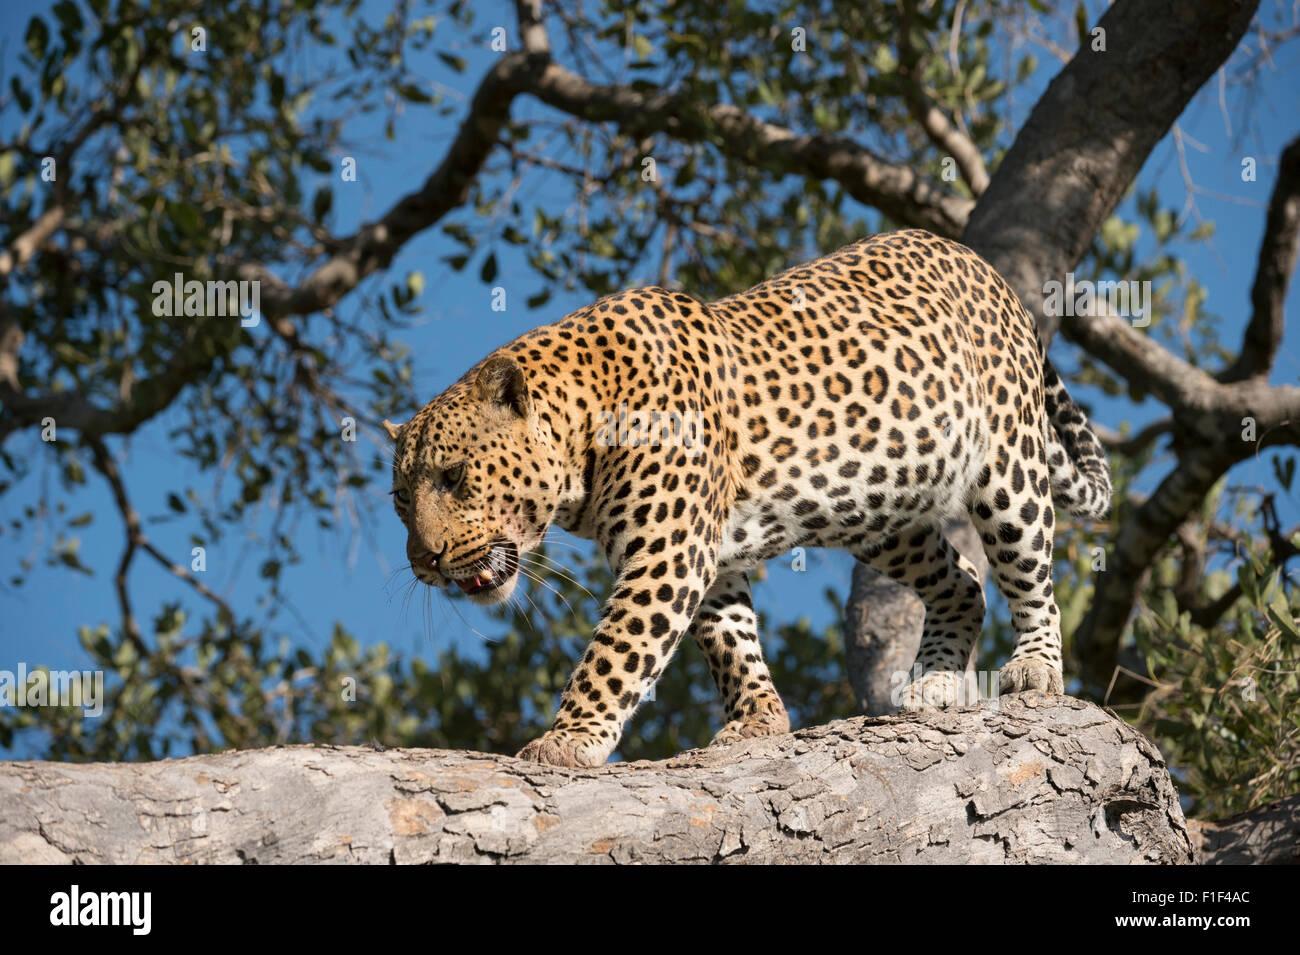 Varón africano,leopardo Panthera pardus, escalada down tree Foto de stock